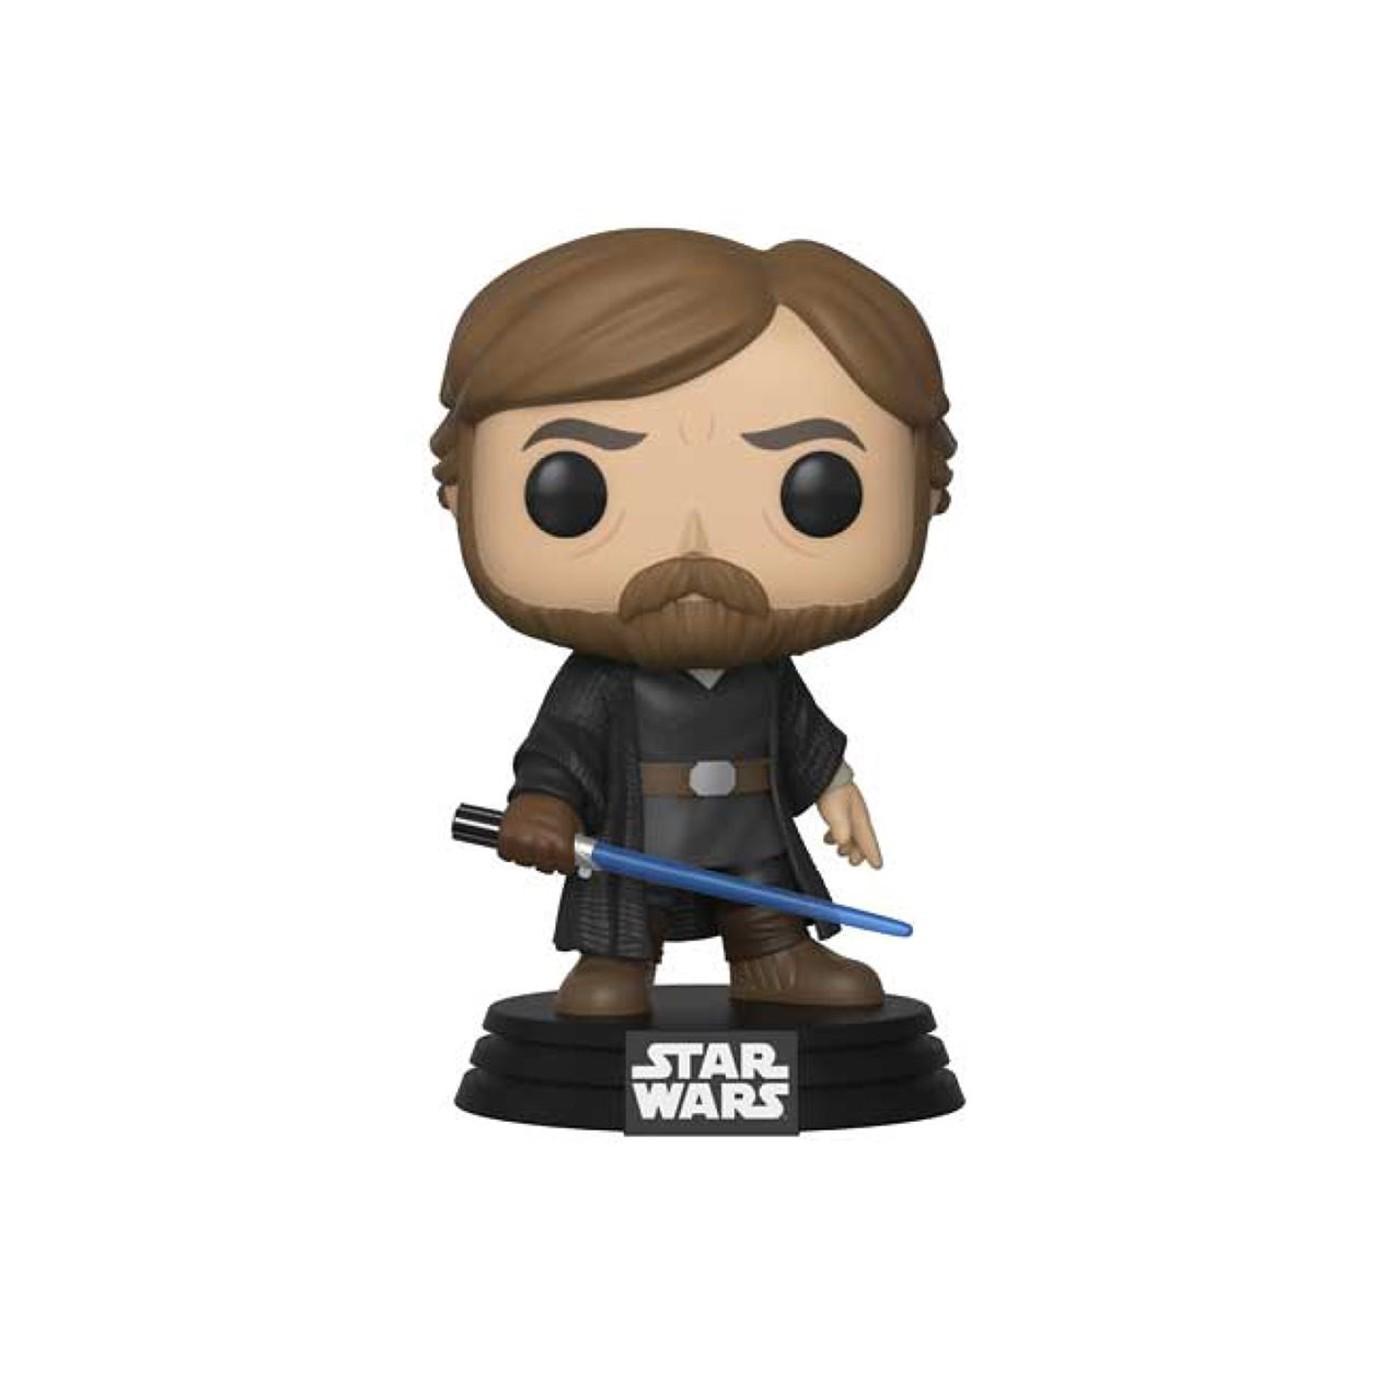 Last Jedi Luke Skywalker Final Battle Pop Bobble Head